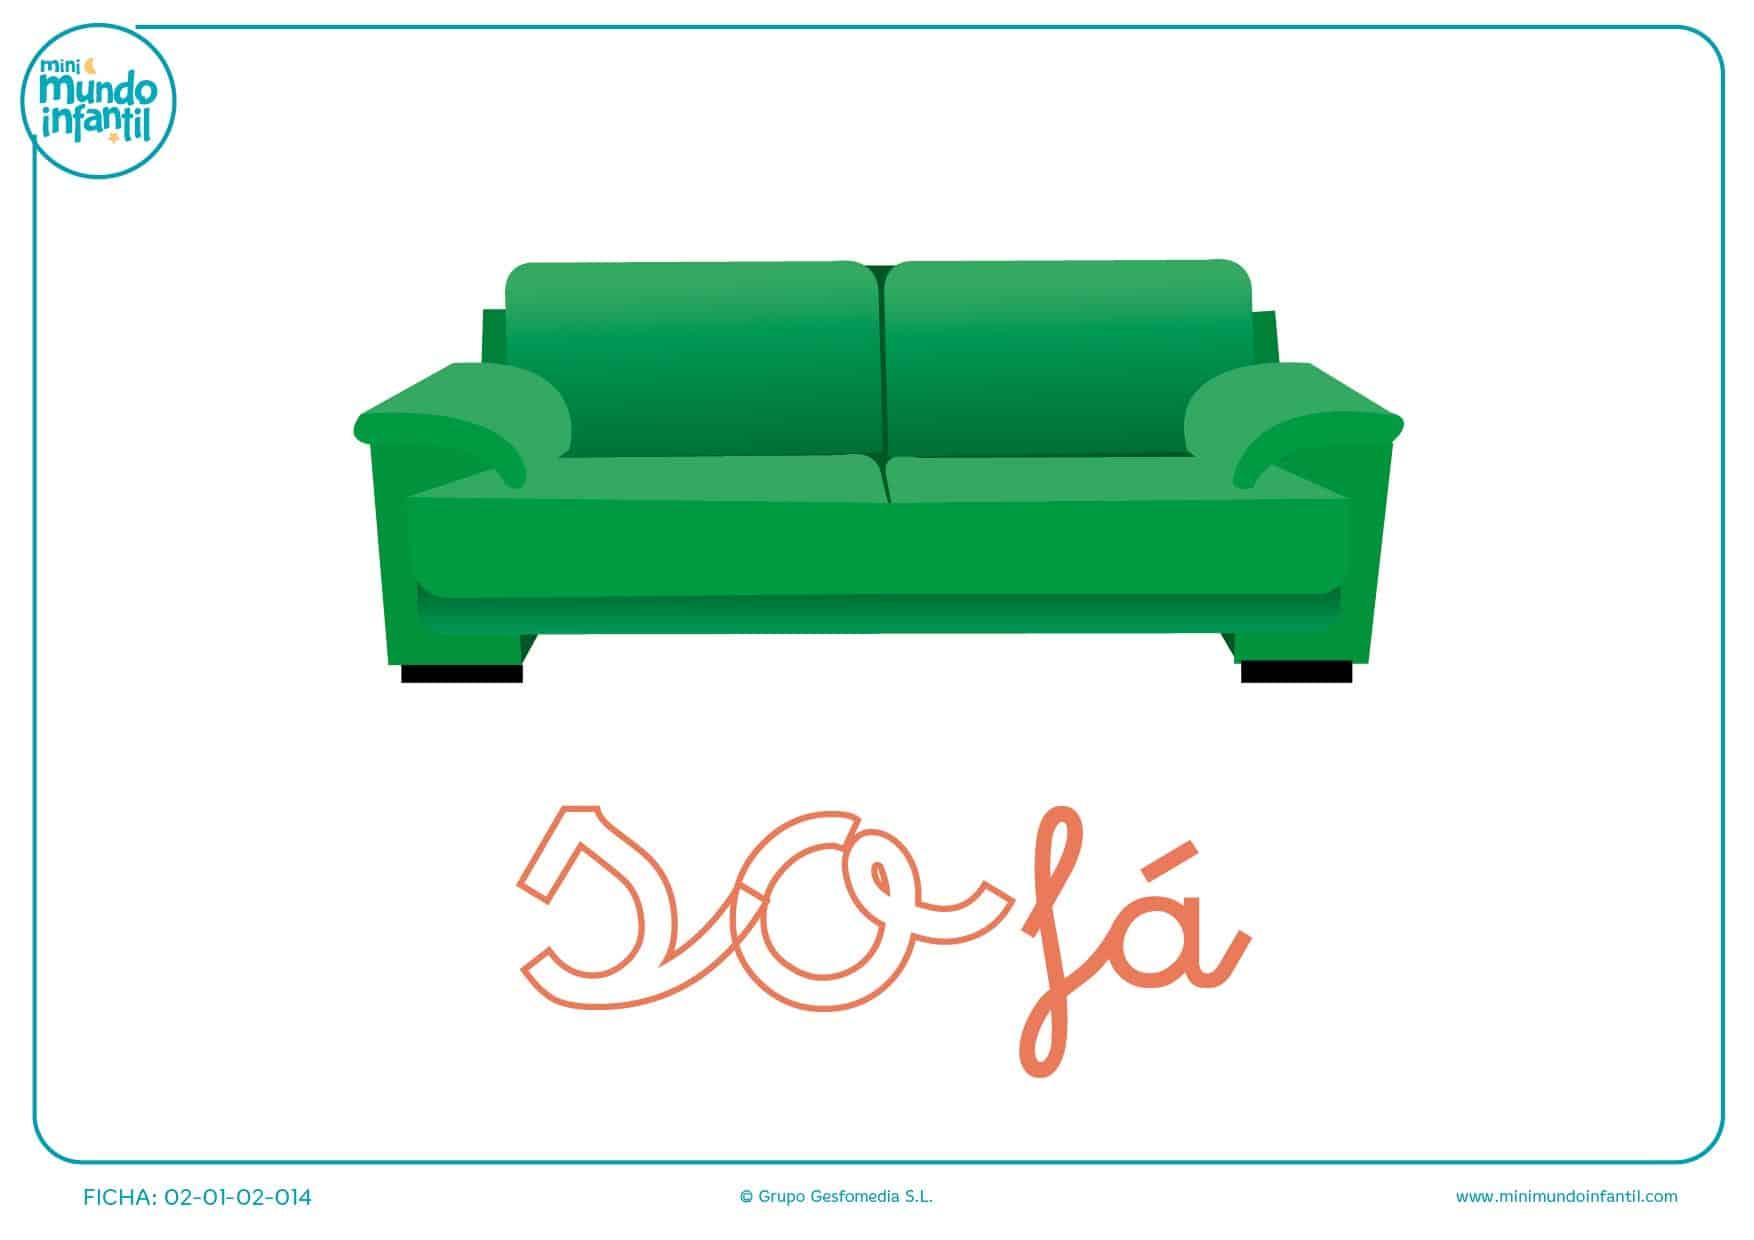 Letras so de sofá en minúsculas para completar